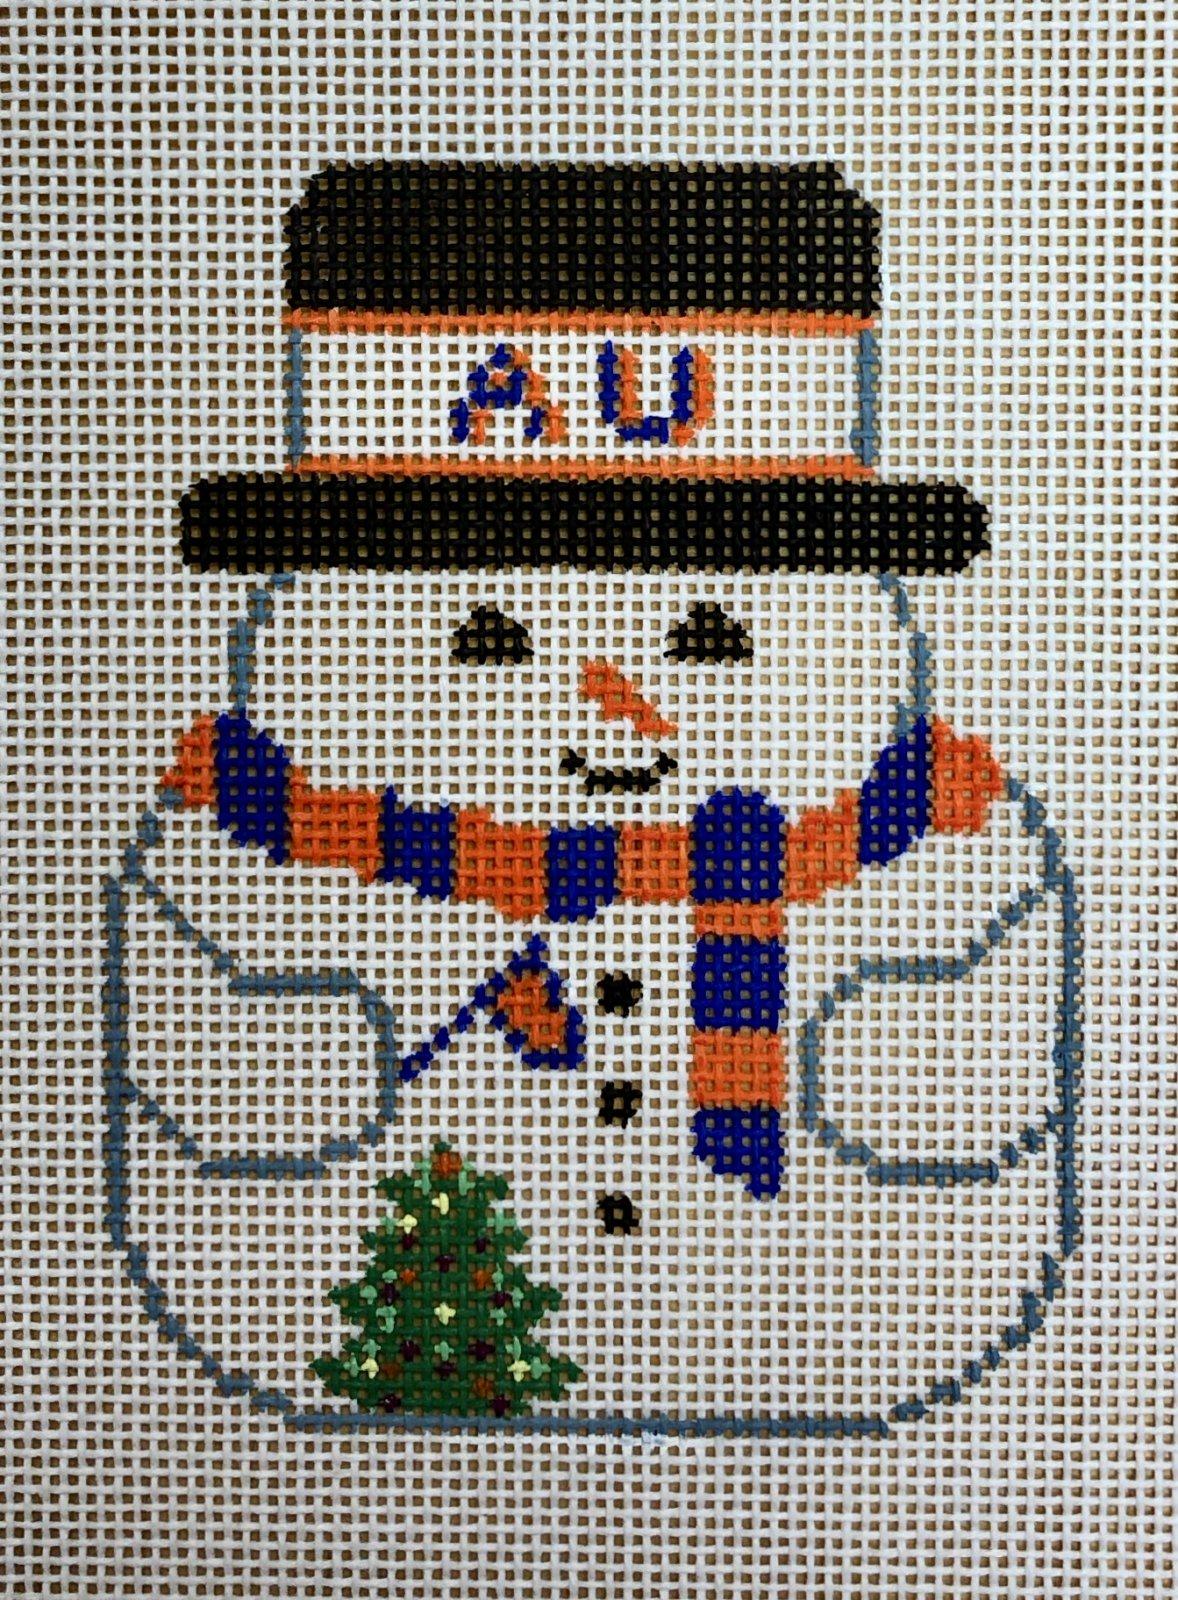 AU snowman ornament